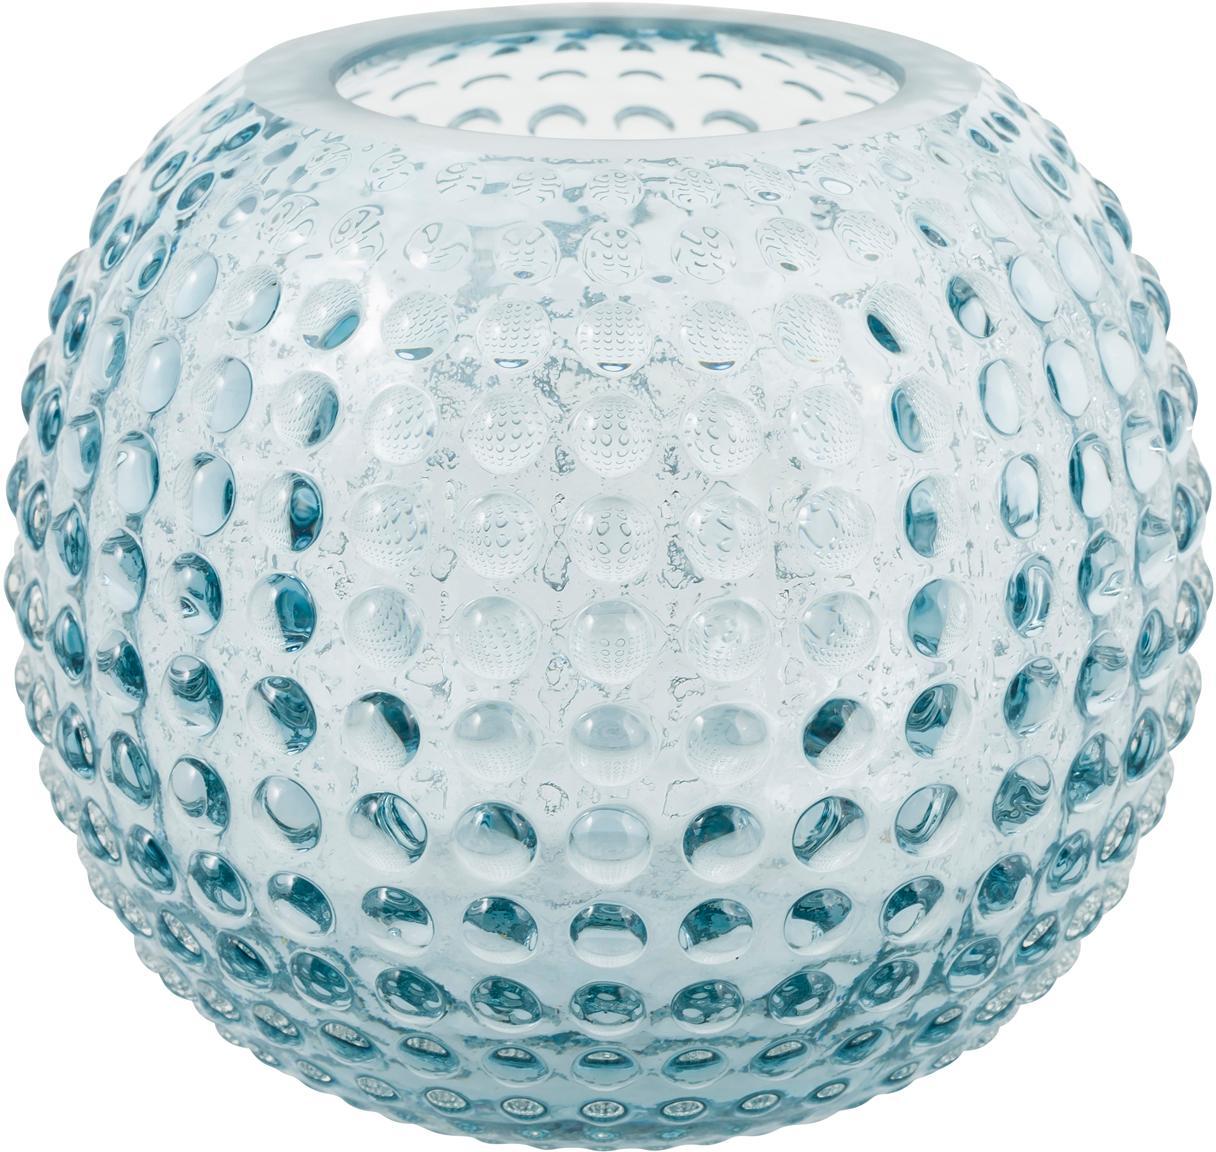 Waxinelichthouder Flora, Glas, Lichtblauw, transparant, Ø 11 x H 10 cm